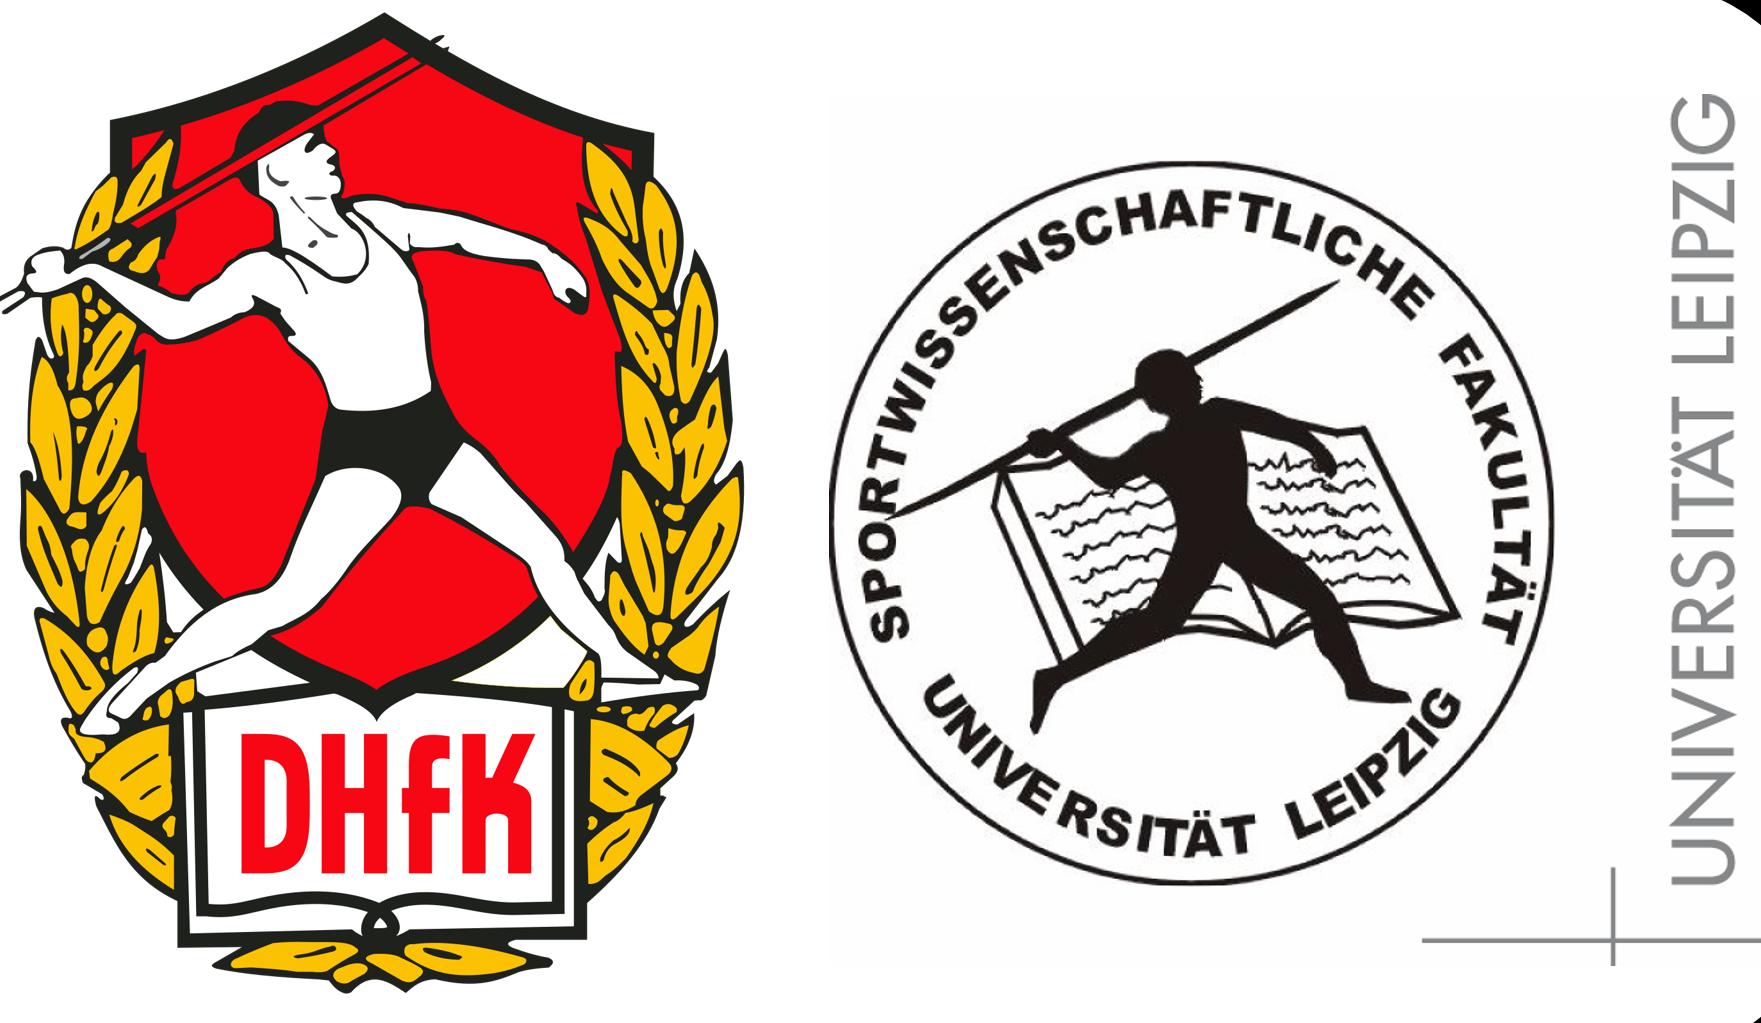 Von der DHfK zur Fakultät für Sportwissenschaft – eine Universität im Wandel